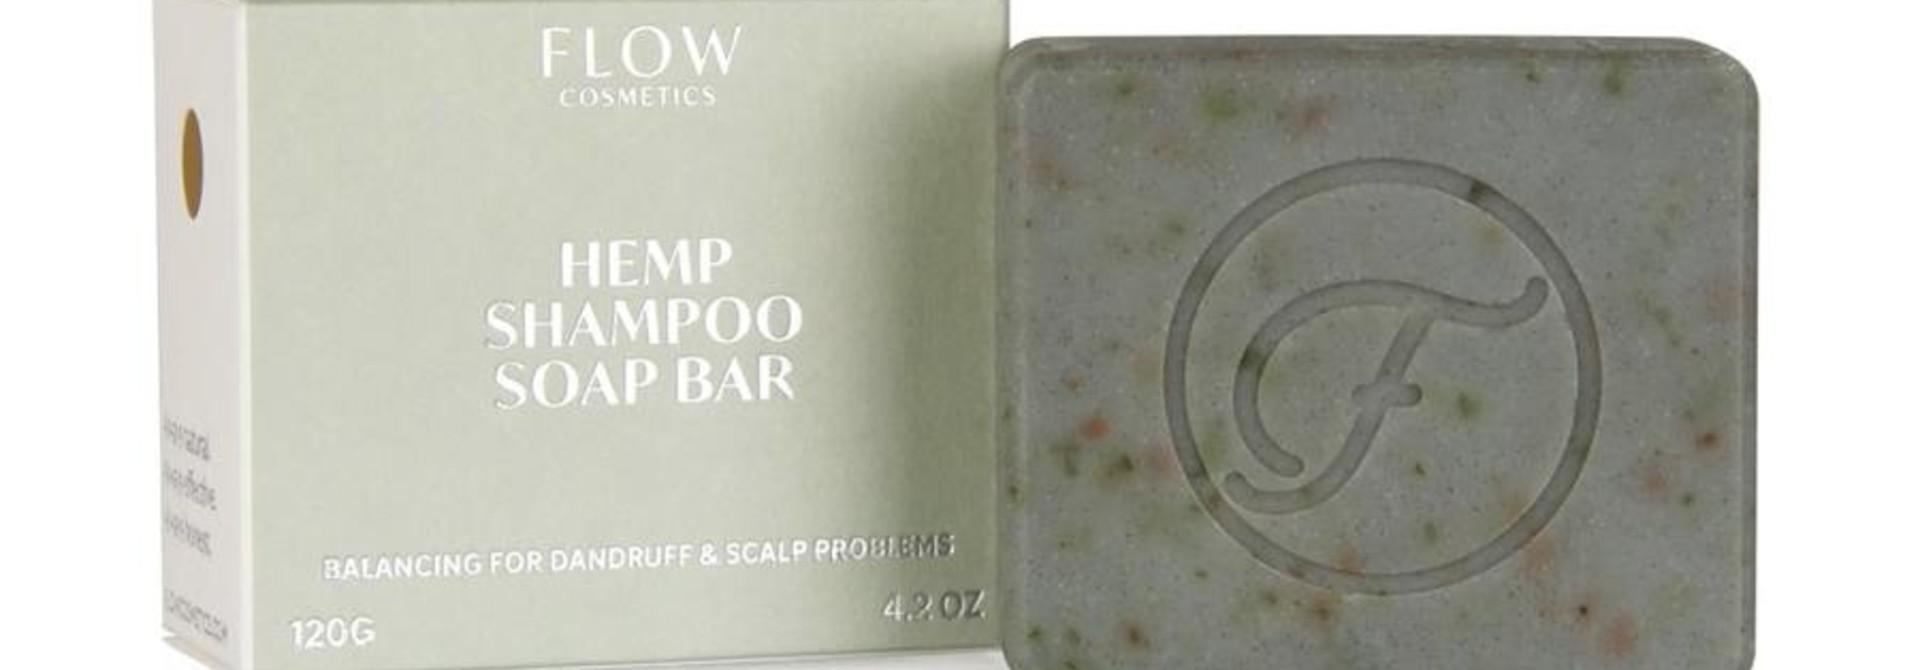 Shampoo Bar ROOS & GEVOELIGE HOOFDHUID- Hemp